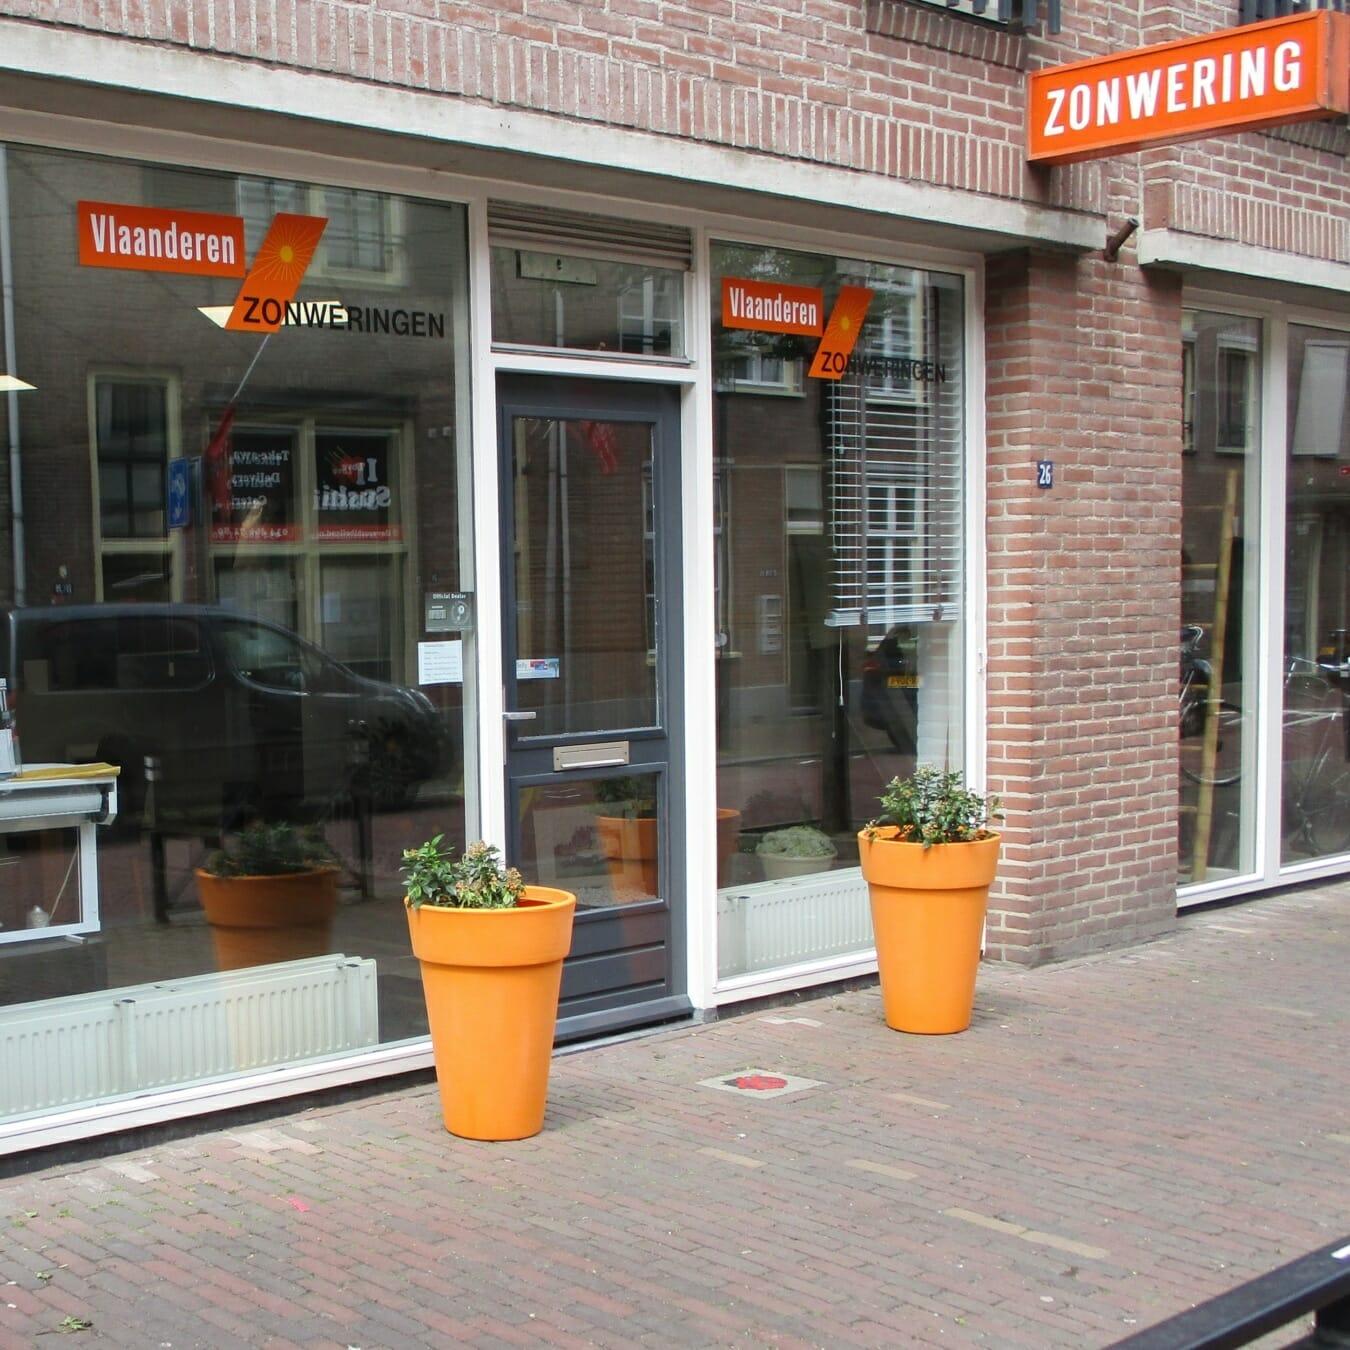 Vlaanderen zonweringen - winkelpand